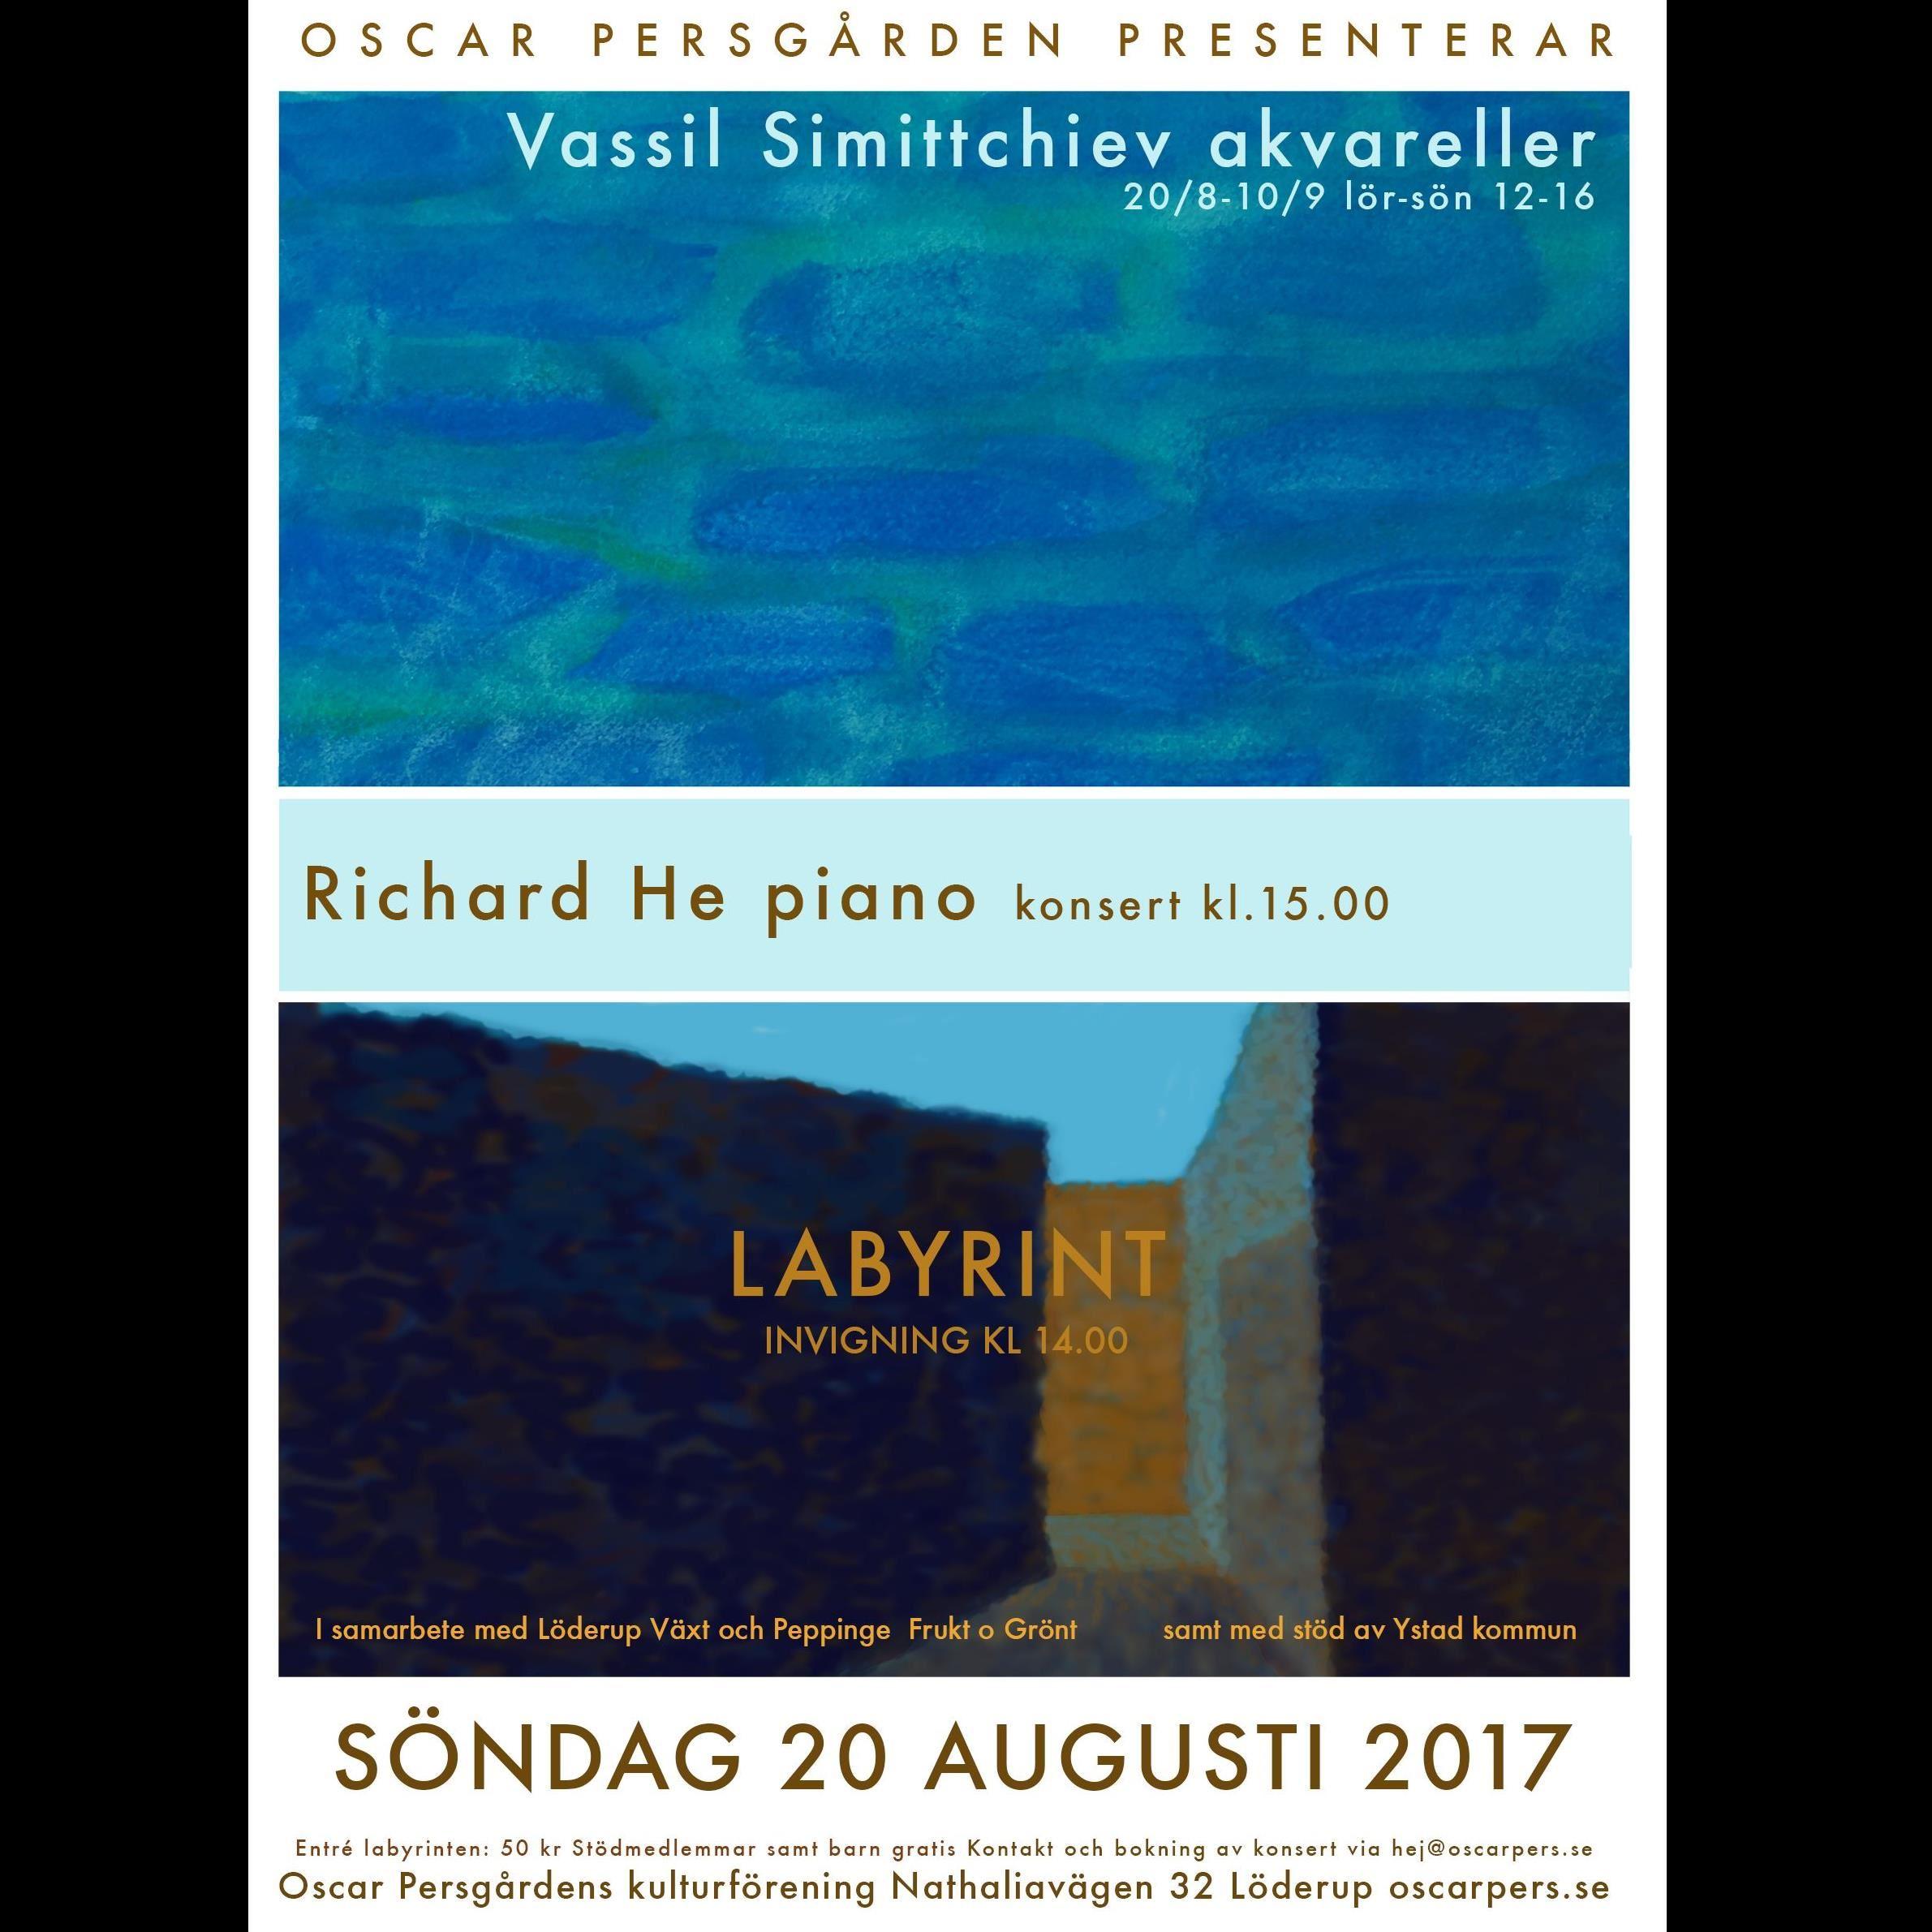 Labyrint - konsert och utställning